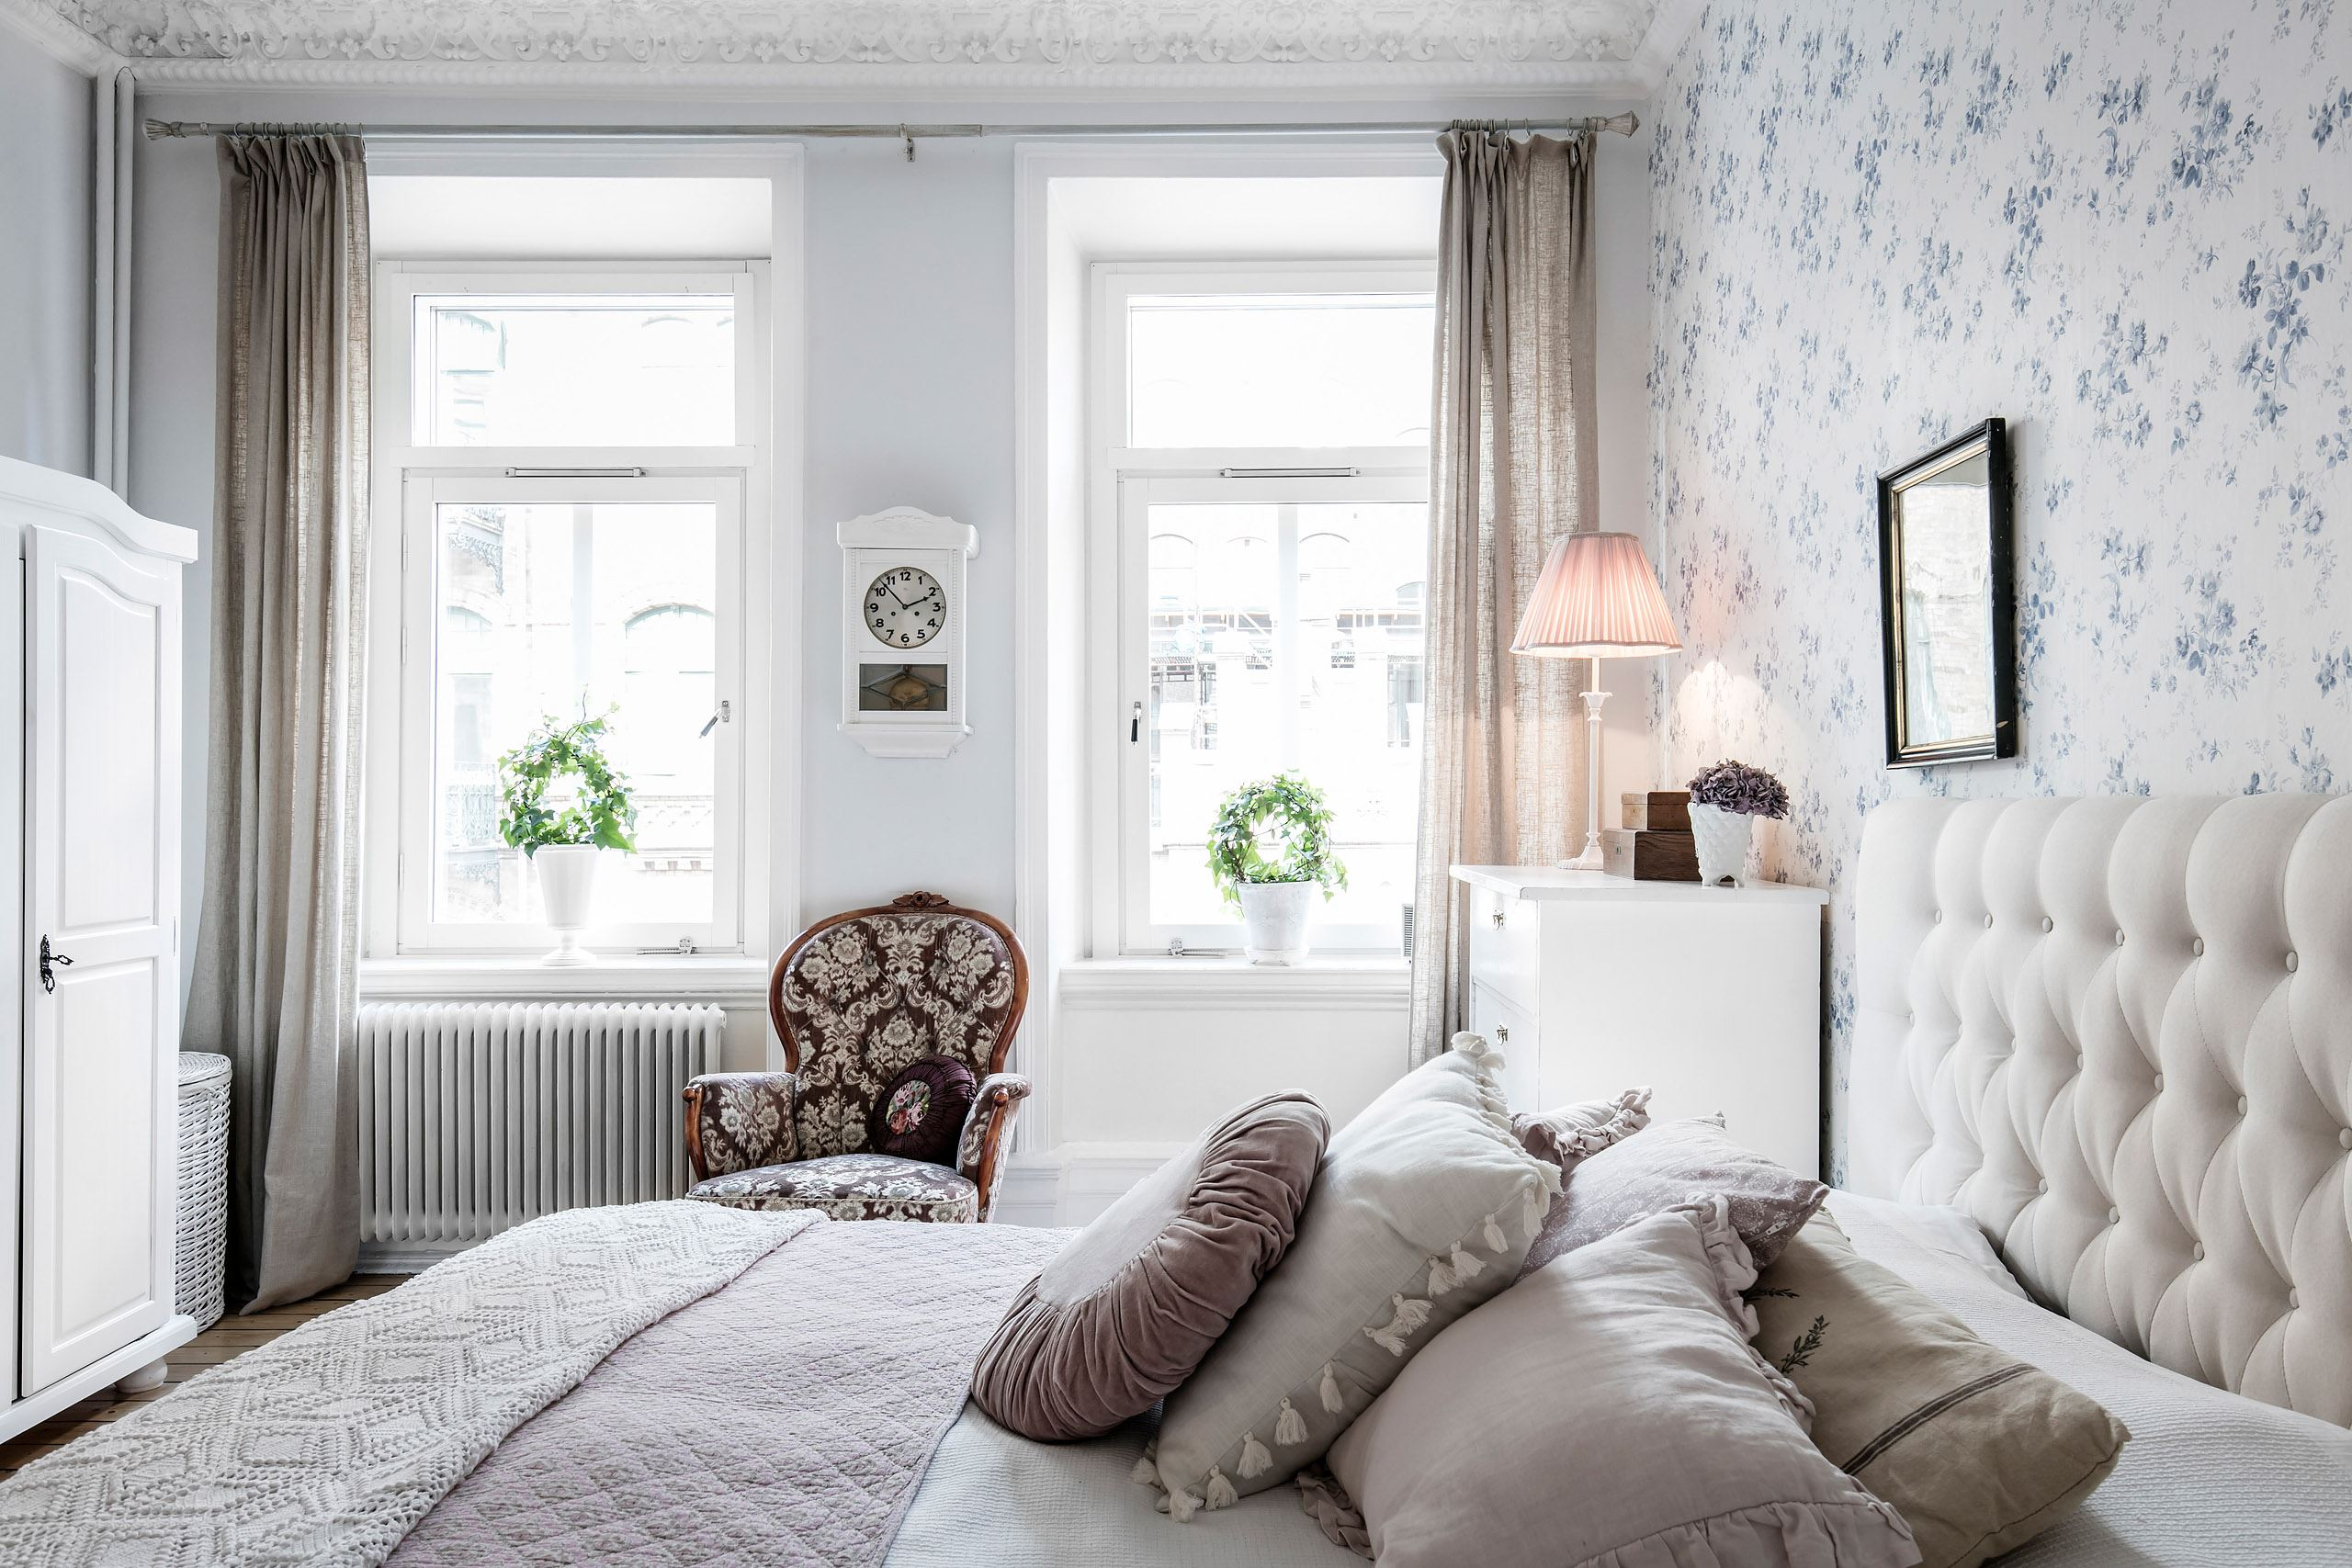 спальня кровать изголовье текстиль окно